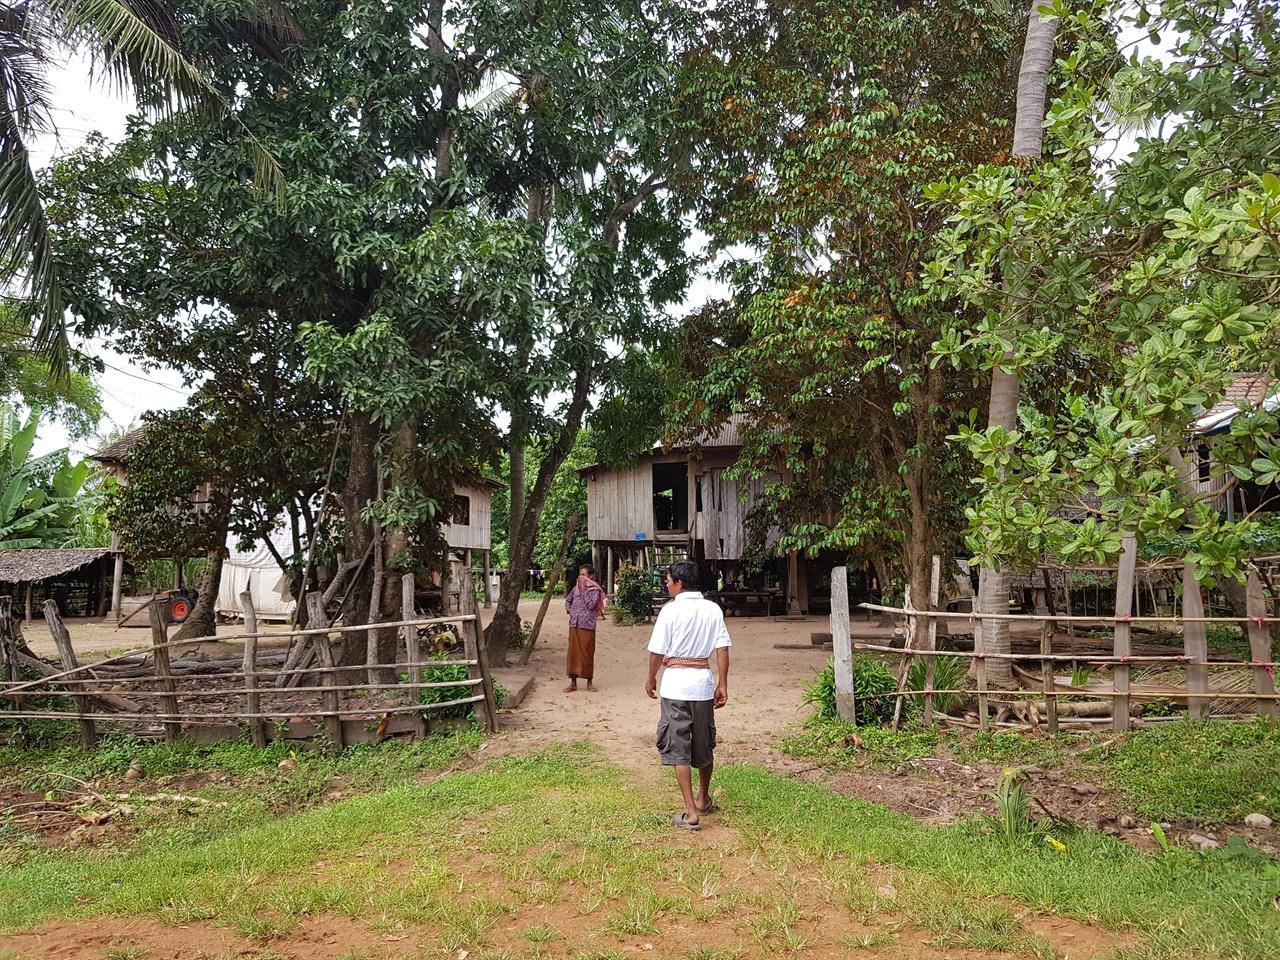 전기가 귀한 캄보디아의 시골 깜뽕짬 마을